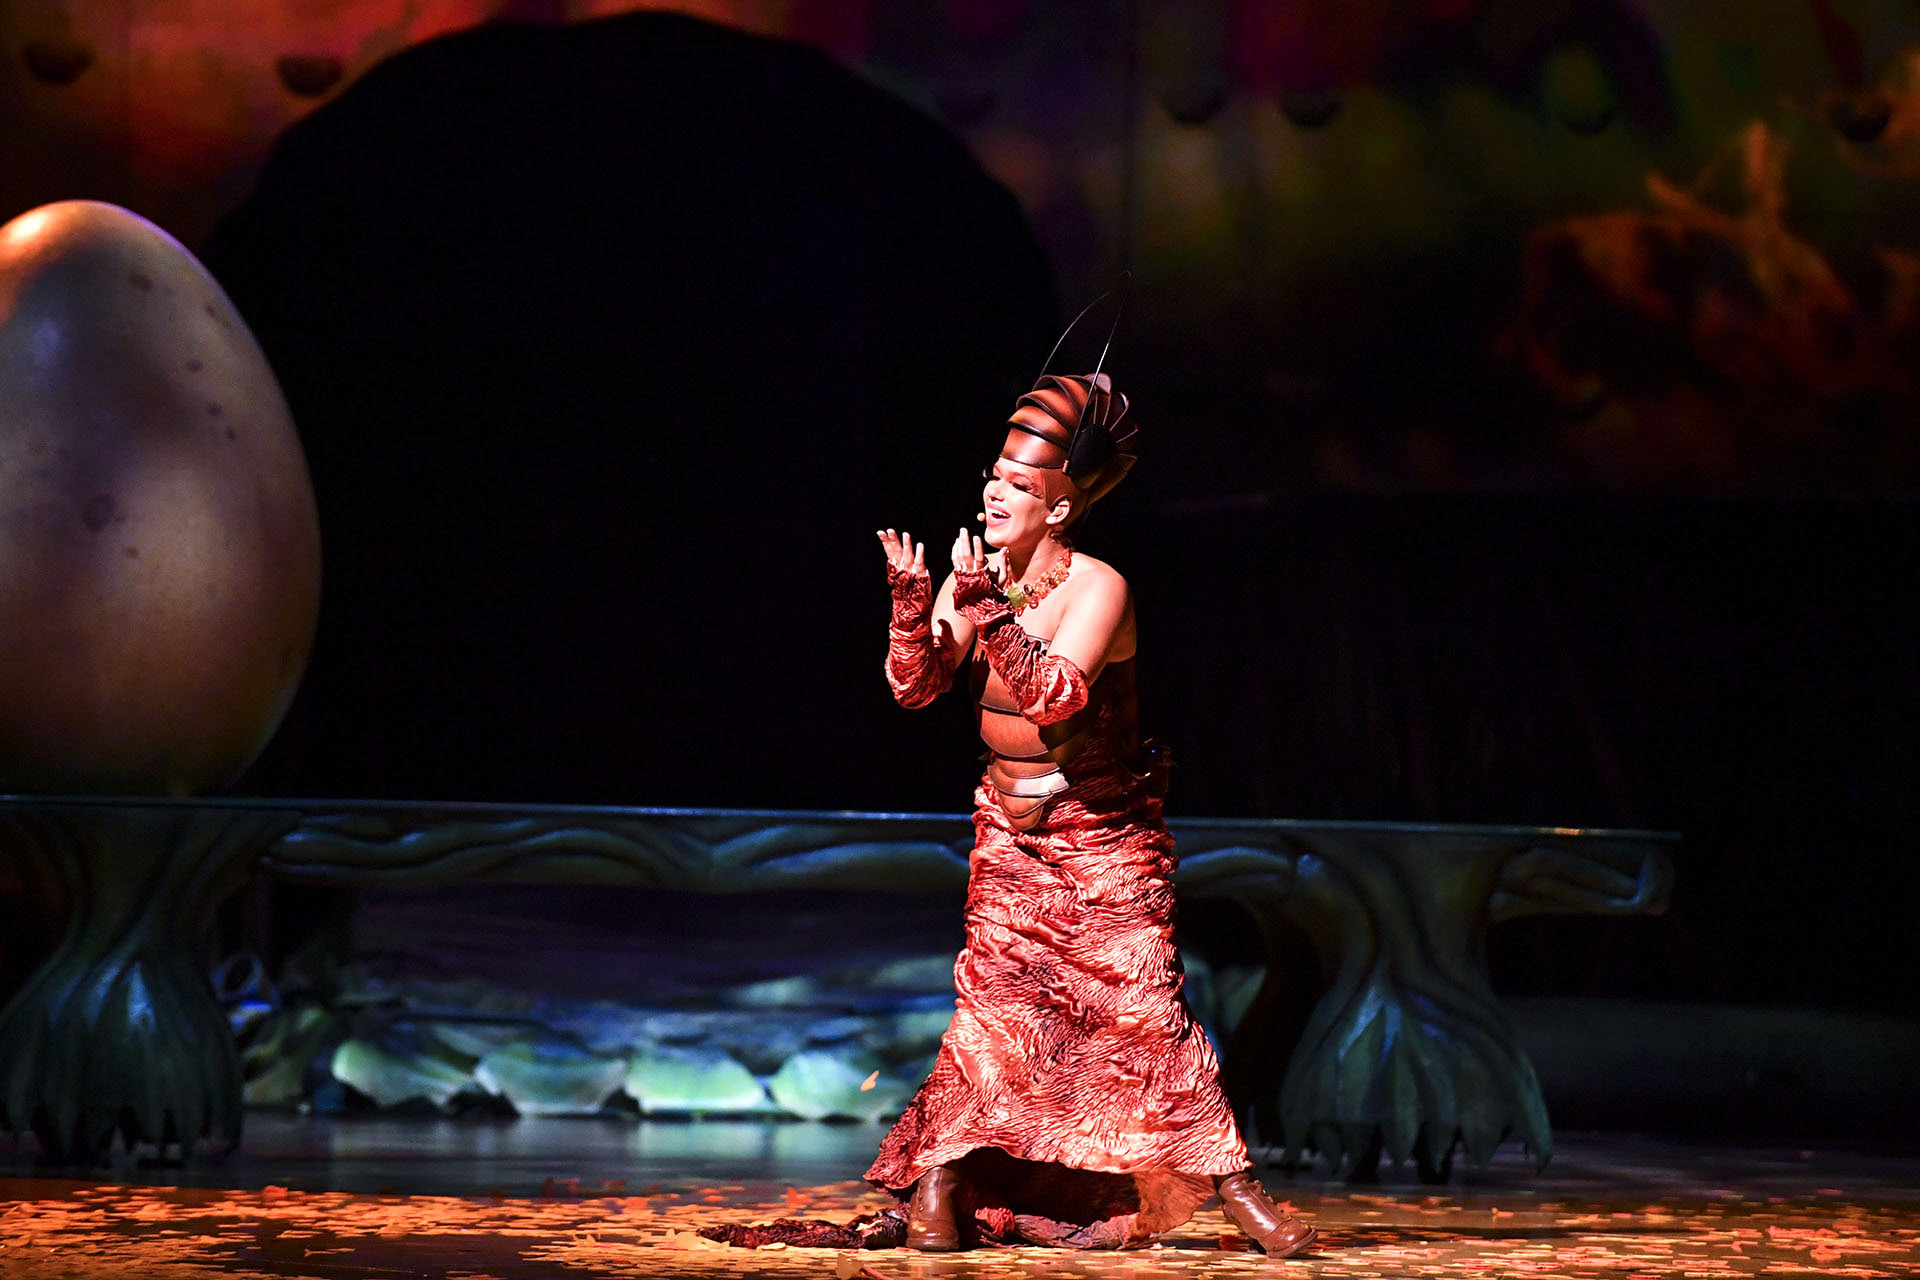 Dulce y melancólica, la abeja reina entona en todas y cada una de las canciones que interpreta la banda que está detrás de escena (Cirque du Soleil)